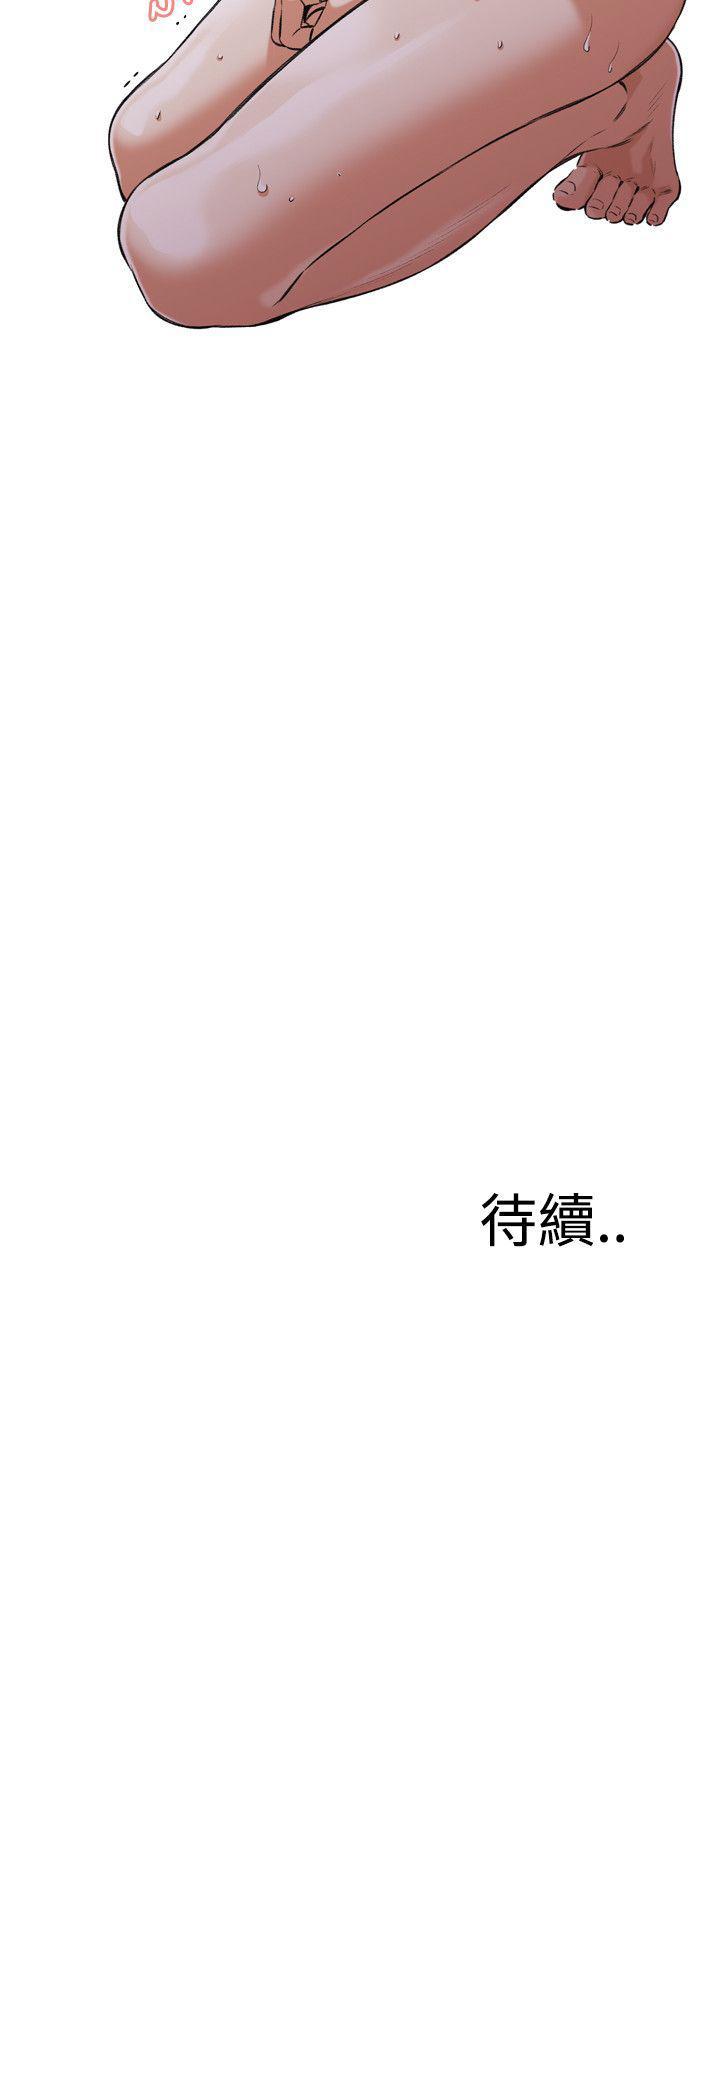 偷窥72-93 Chinese Rsiky 299